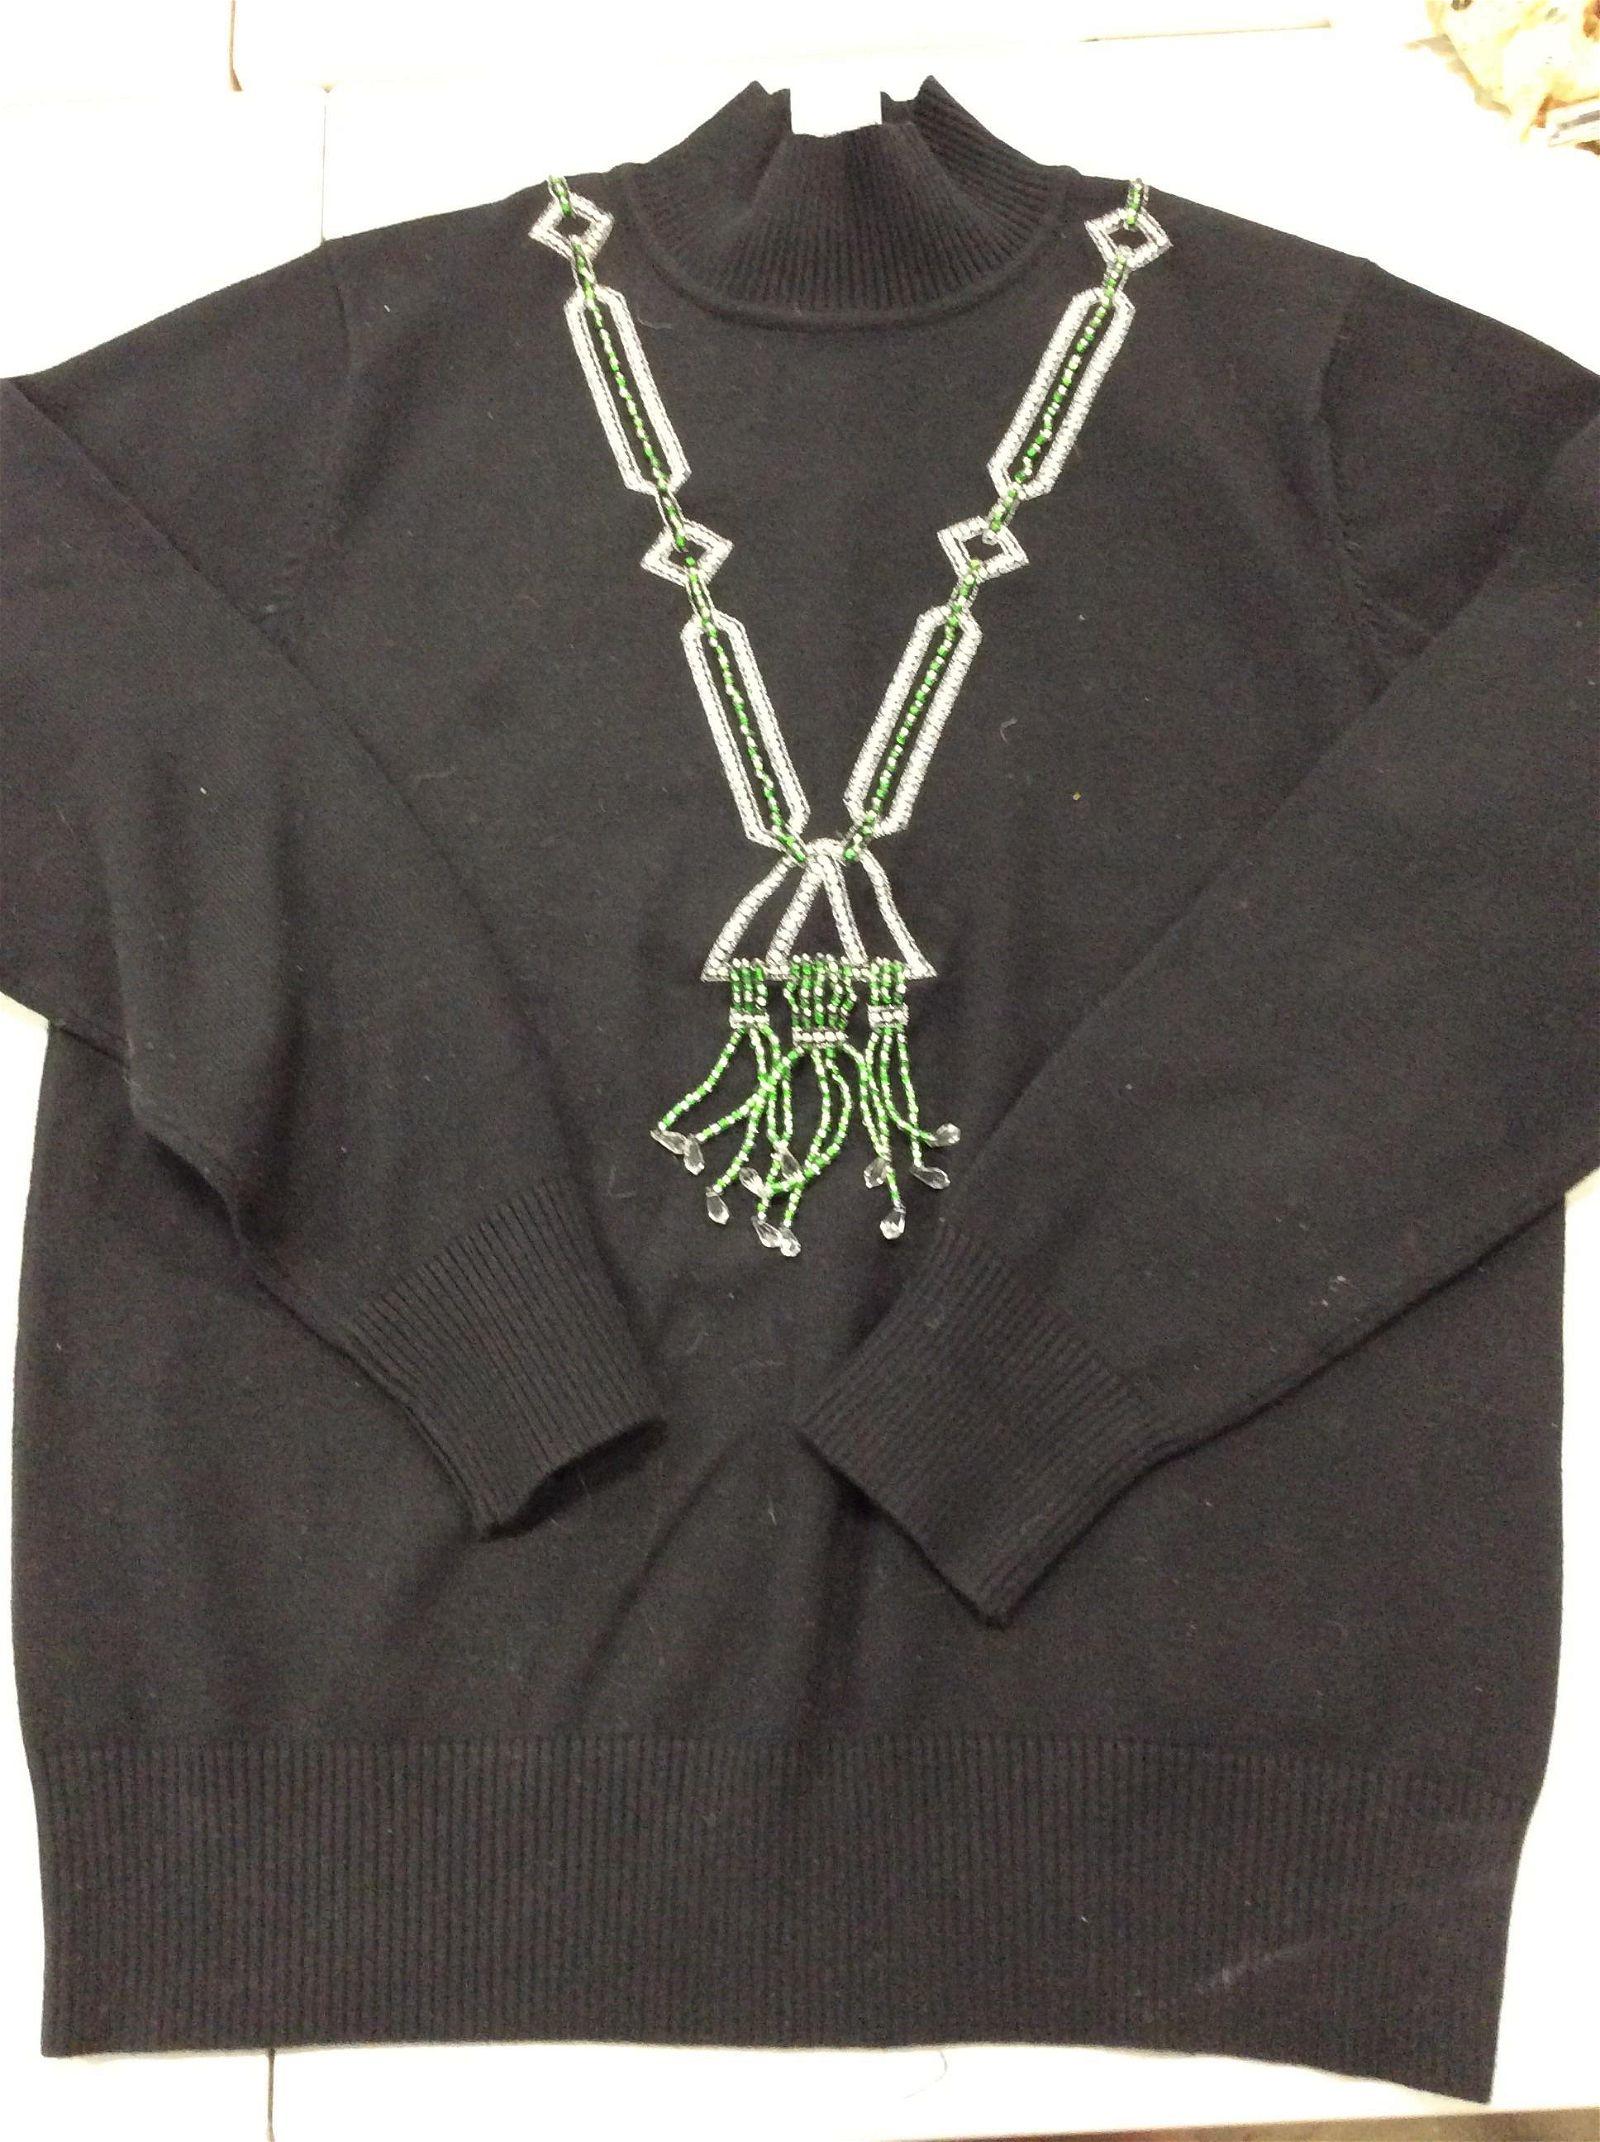 Lot 3 Designer Summer Sequin Tops, Sweater